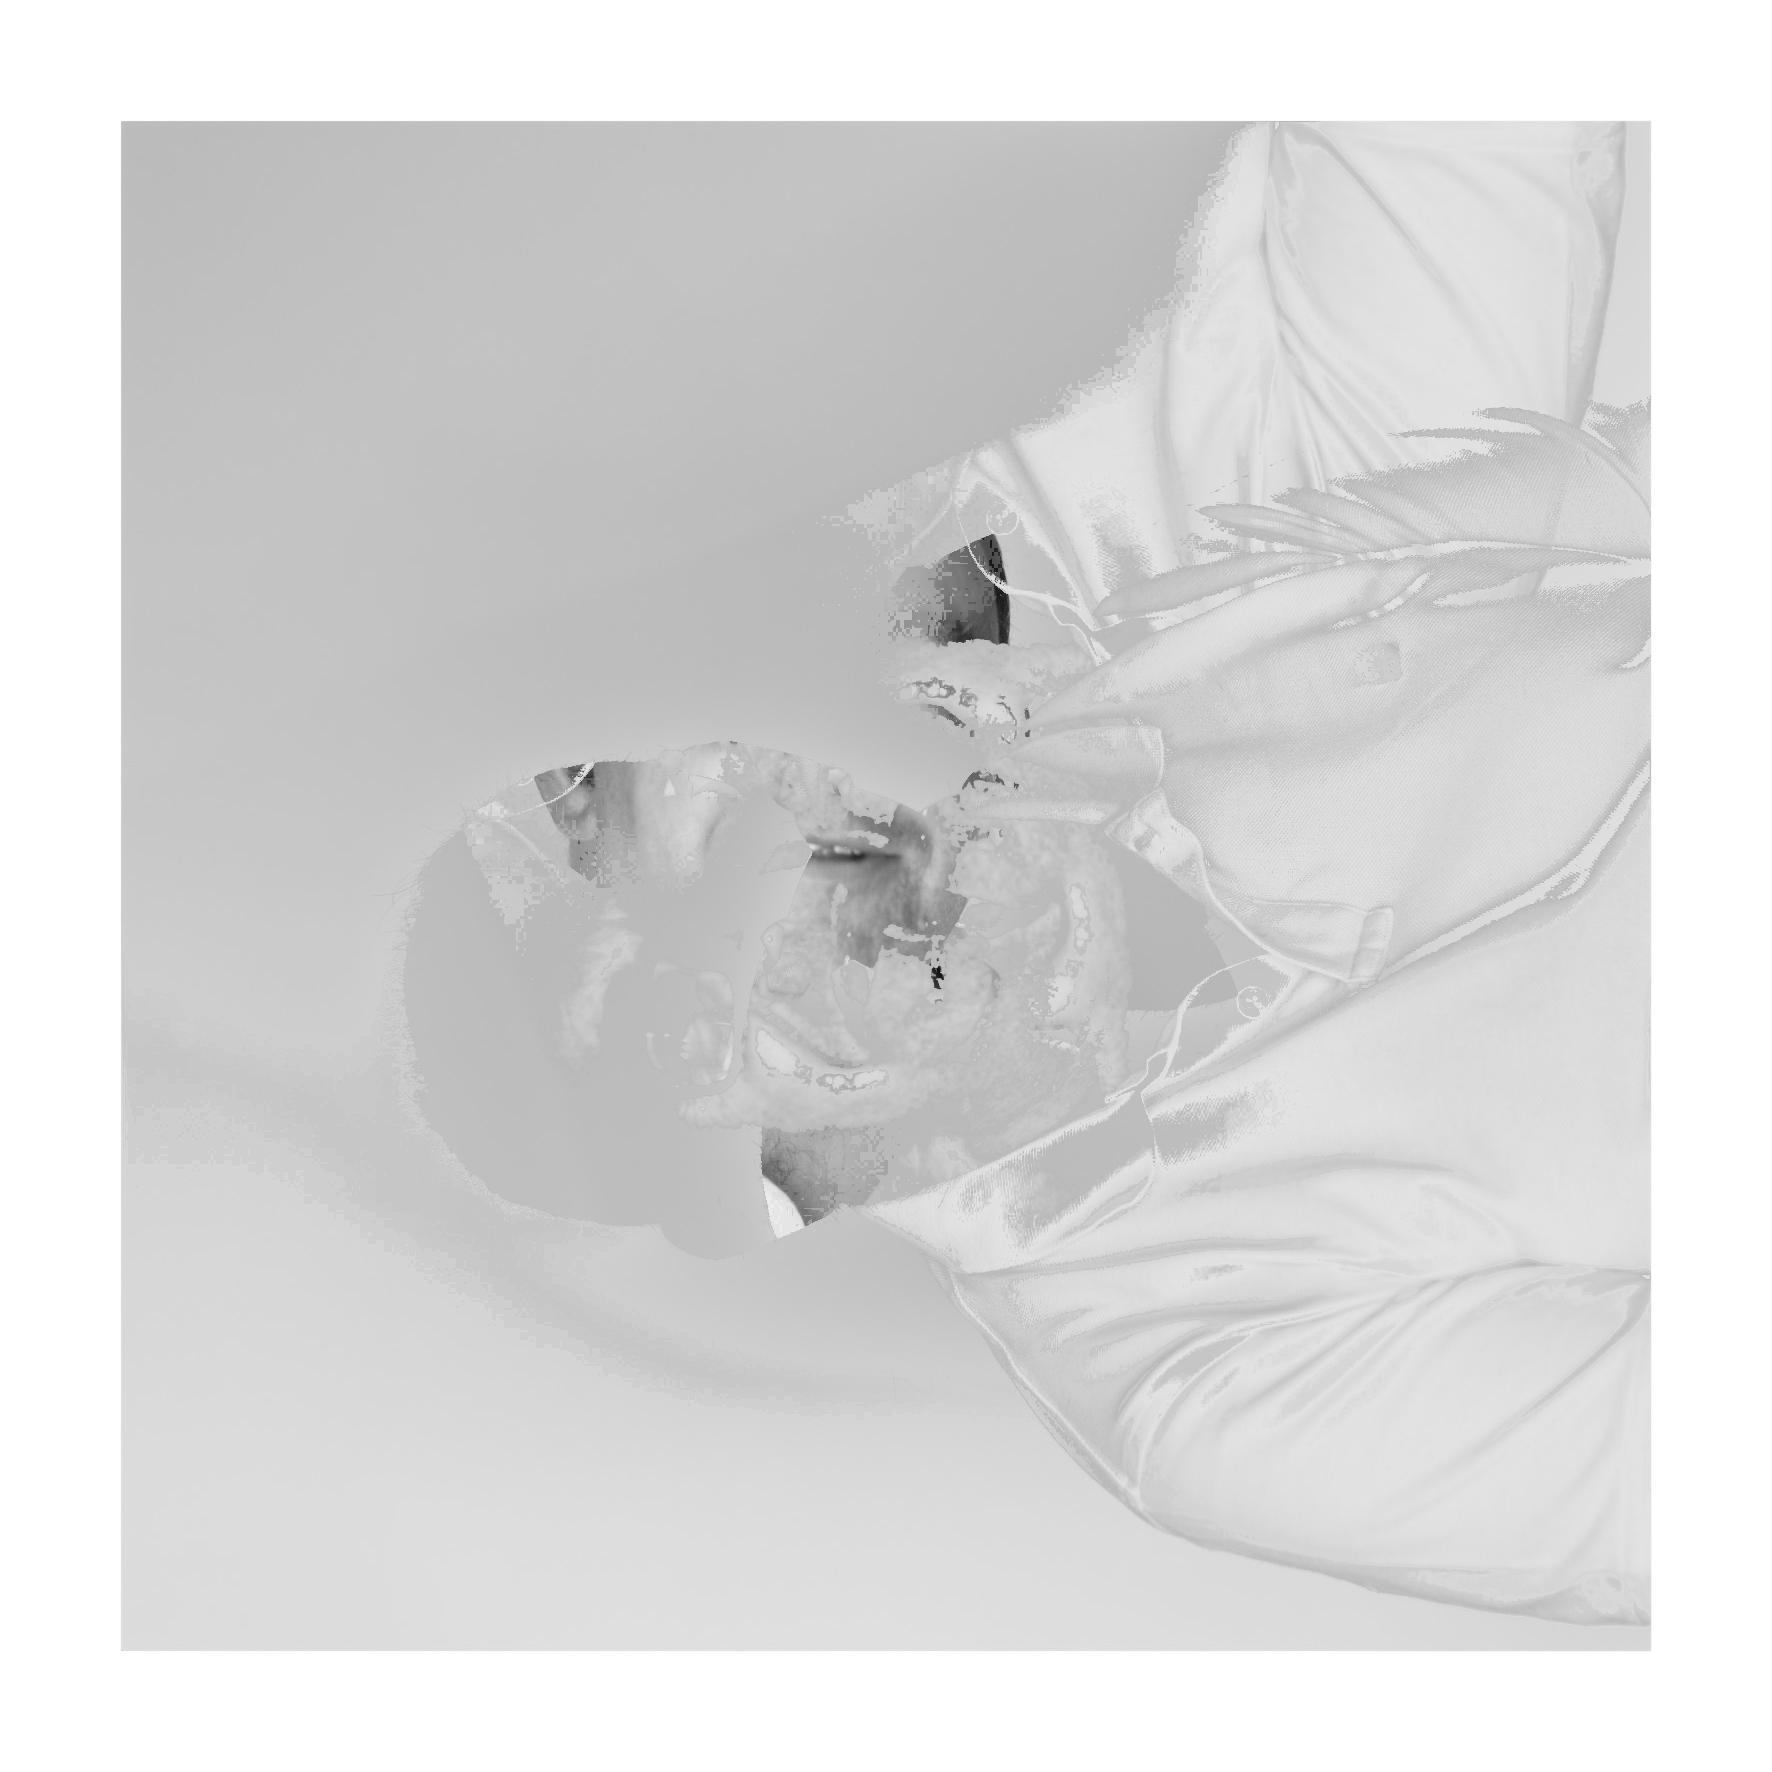 Juan Eduardo Rodríguez (juan_eduardo_rodriguez.jpg)